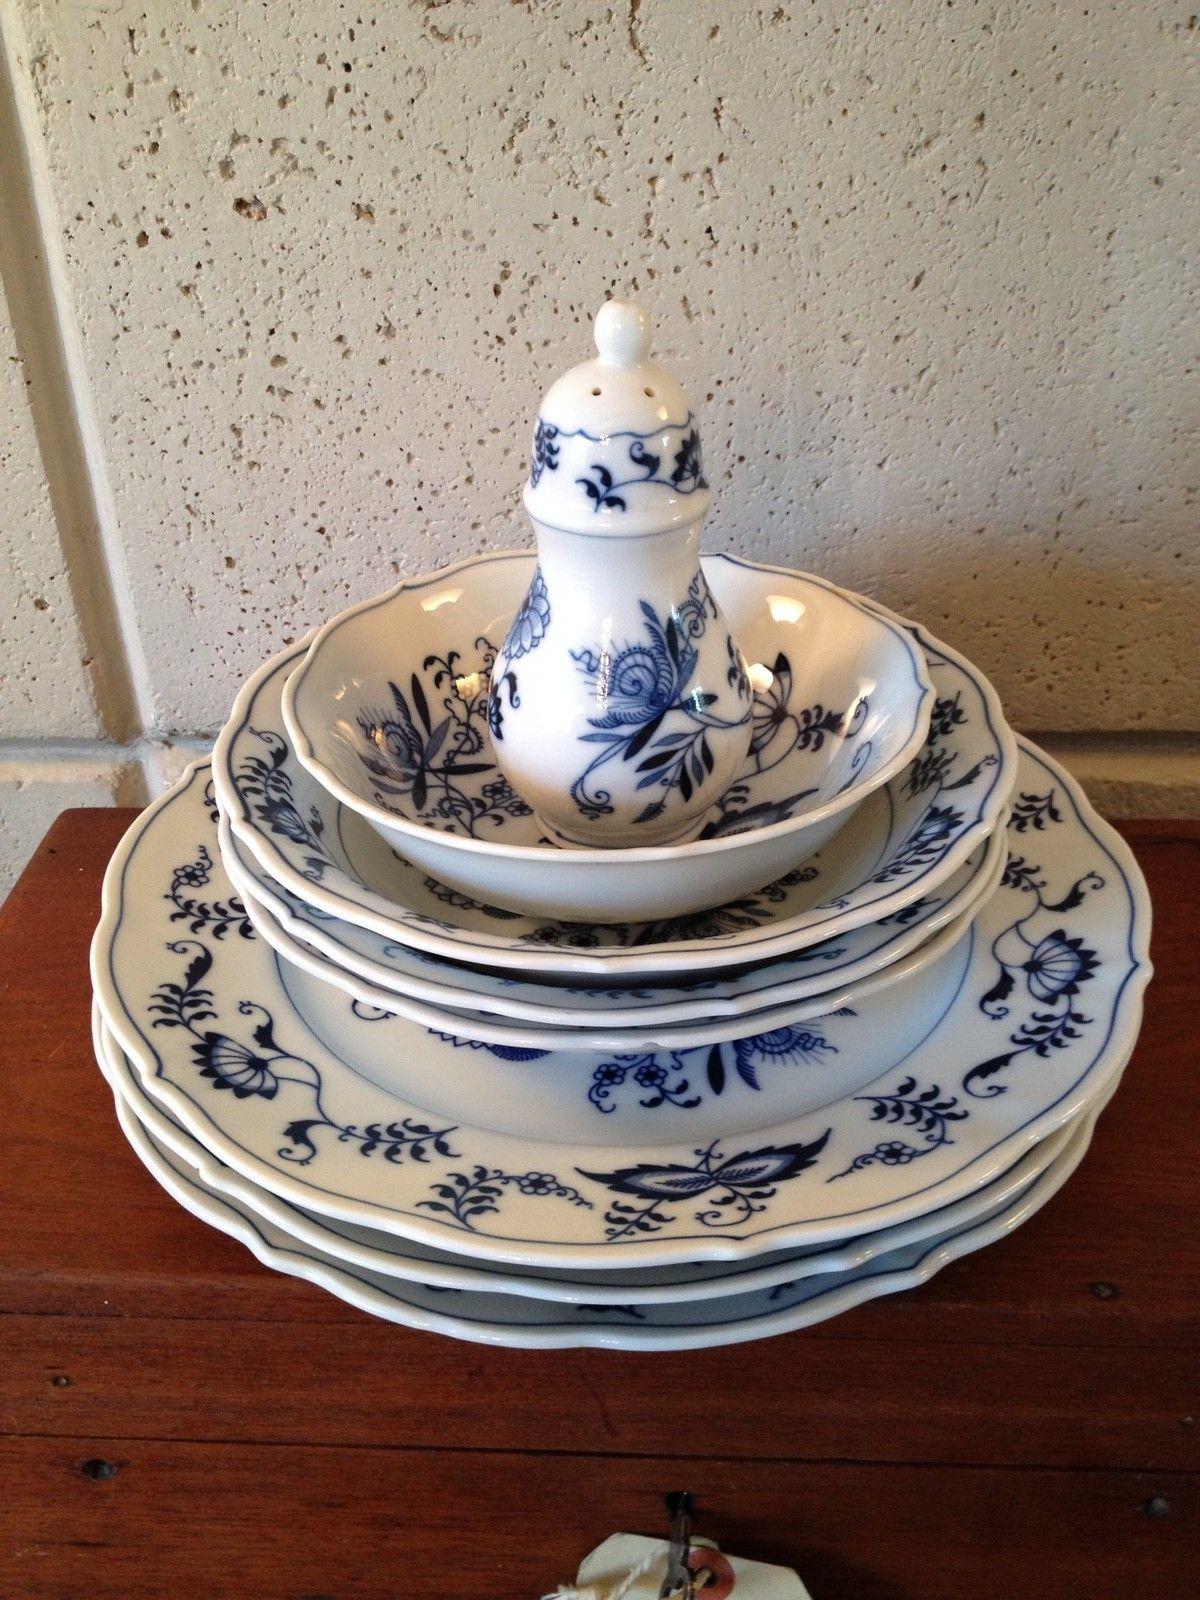 Blue Danube China Japan Misc Lot Dinner Plates Cereal Bowls Soup Salt Pepper | eBay & Blue Danube China Japan Misc Lot Dinner Plates Cereal Bowls Soup ...